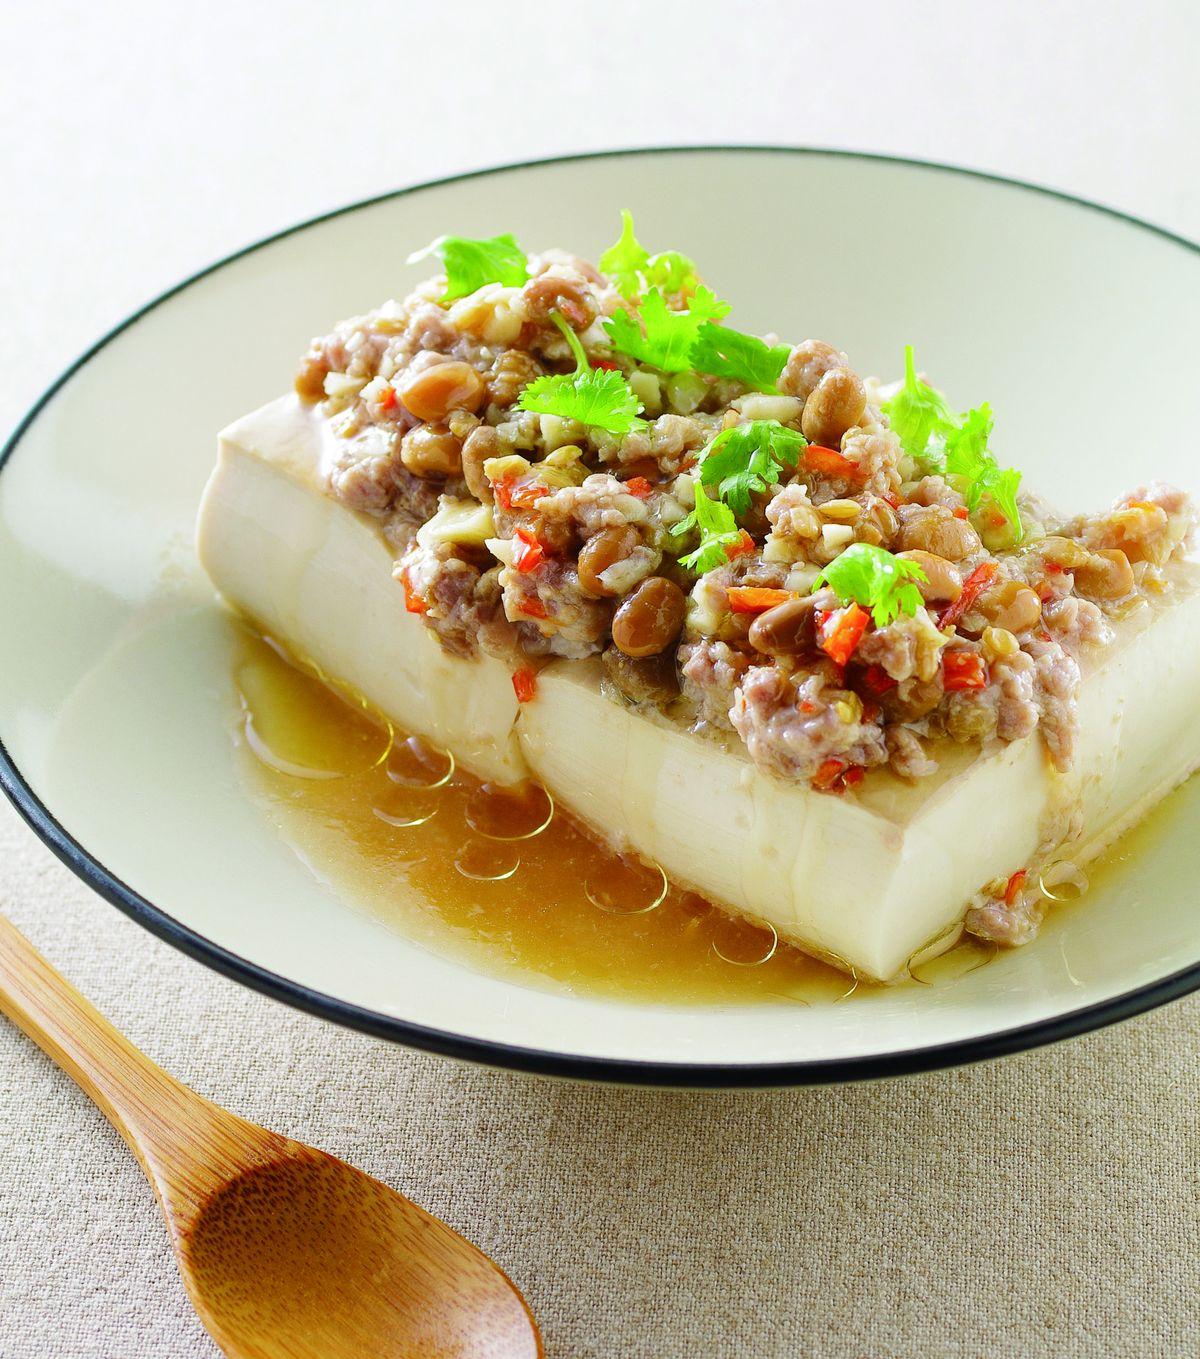 食譜:豆醬蒸豆腐